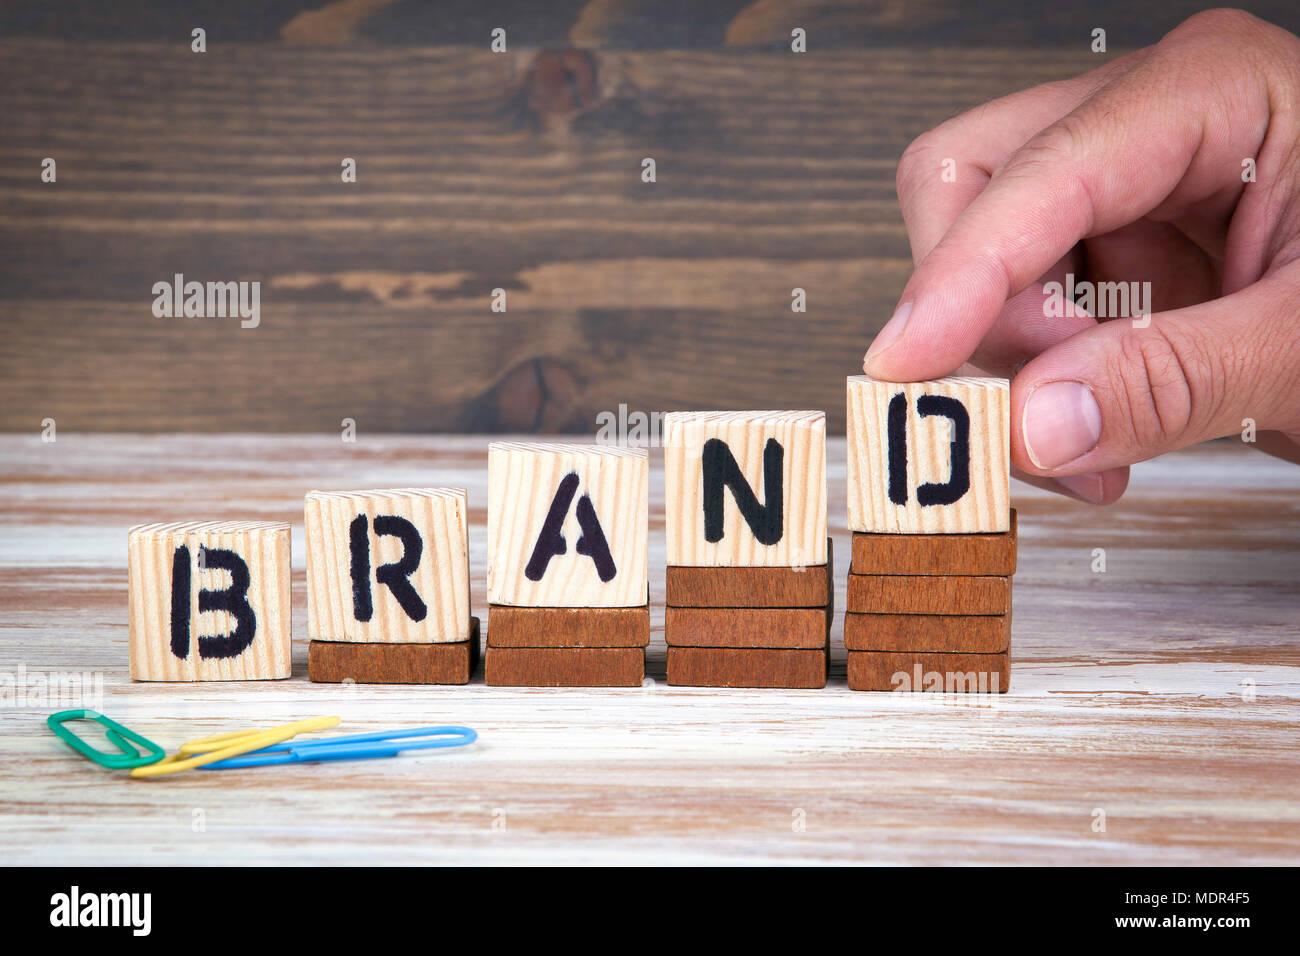 Concepto de Marca. Letras de madera sobre el escritorio de la oficina, informativa y antecedentes de comunicación Imagen De Stock